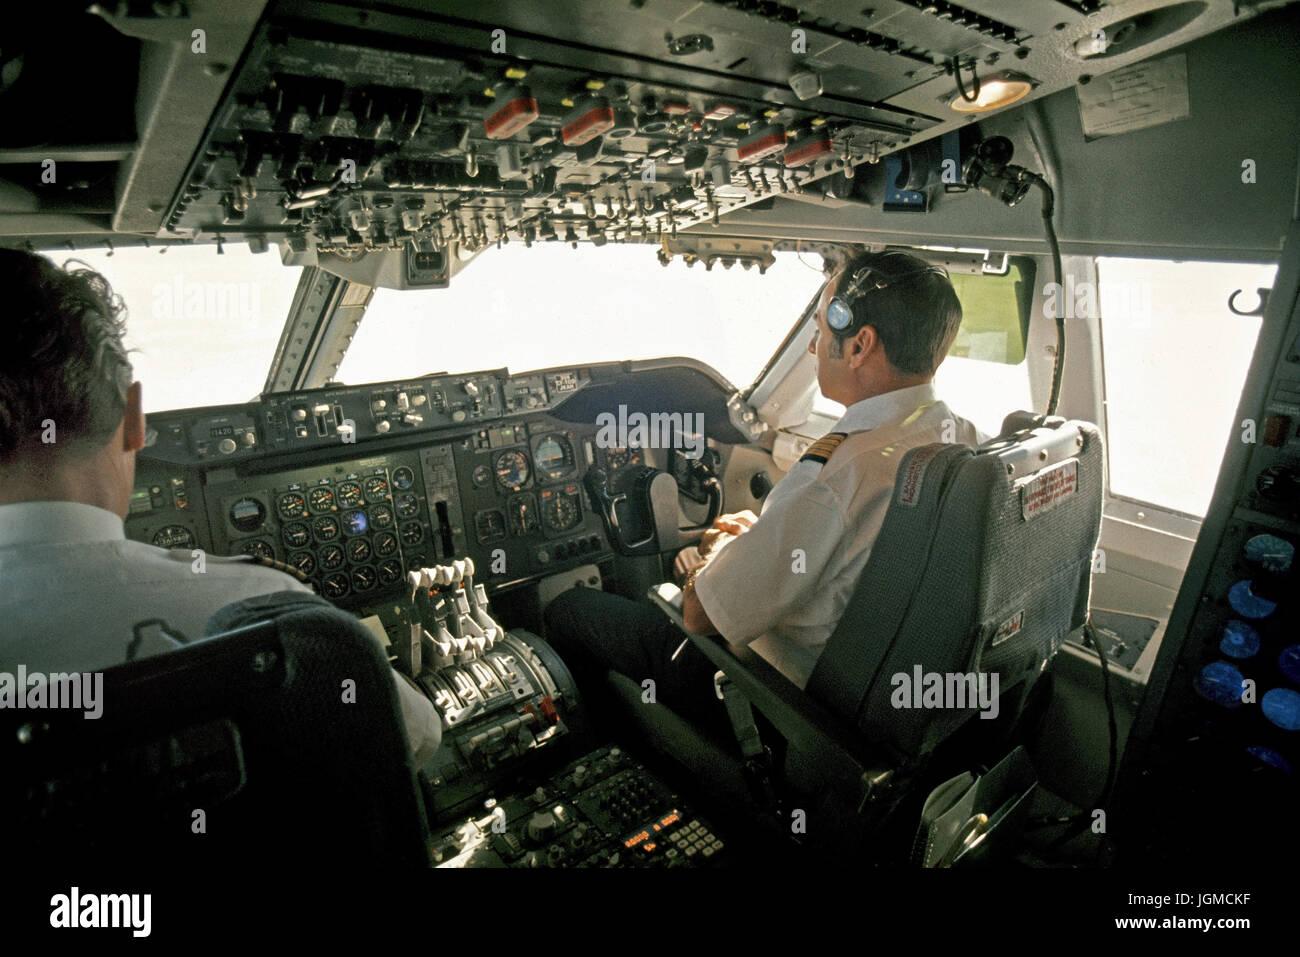 Boeing 747 Interior Stockfotos & Boeing 747 Interior Bilder - Alamy